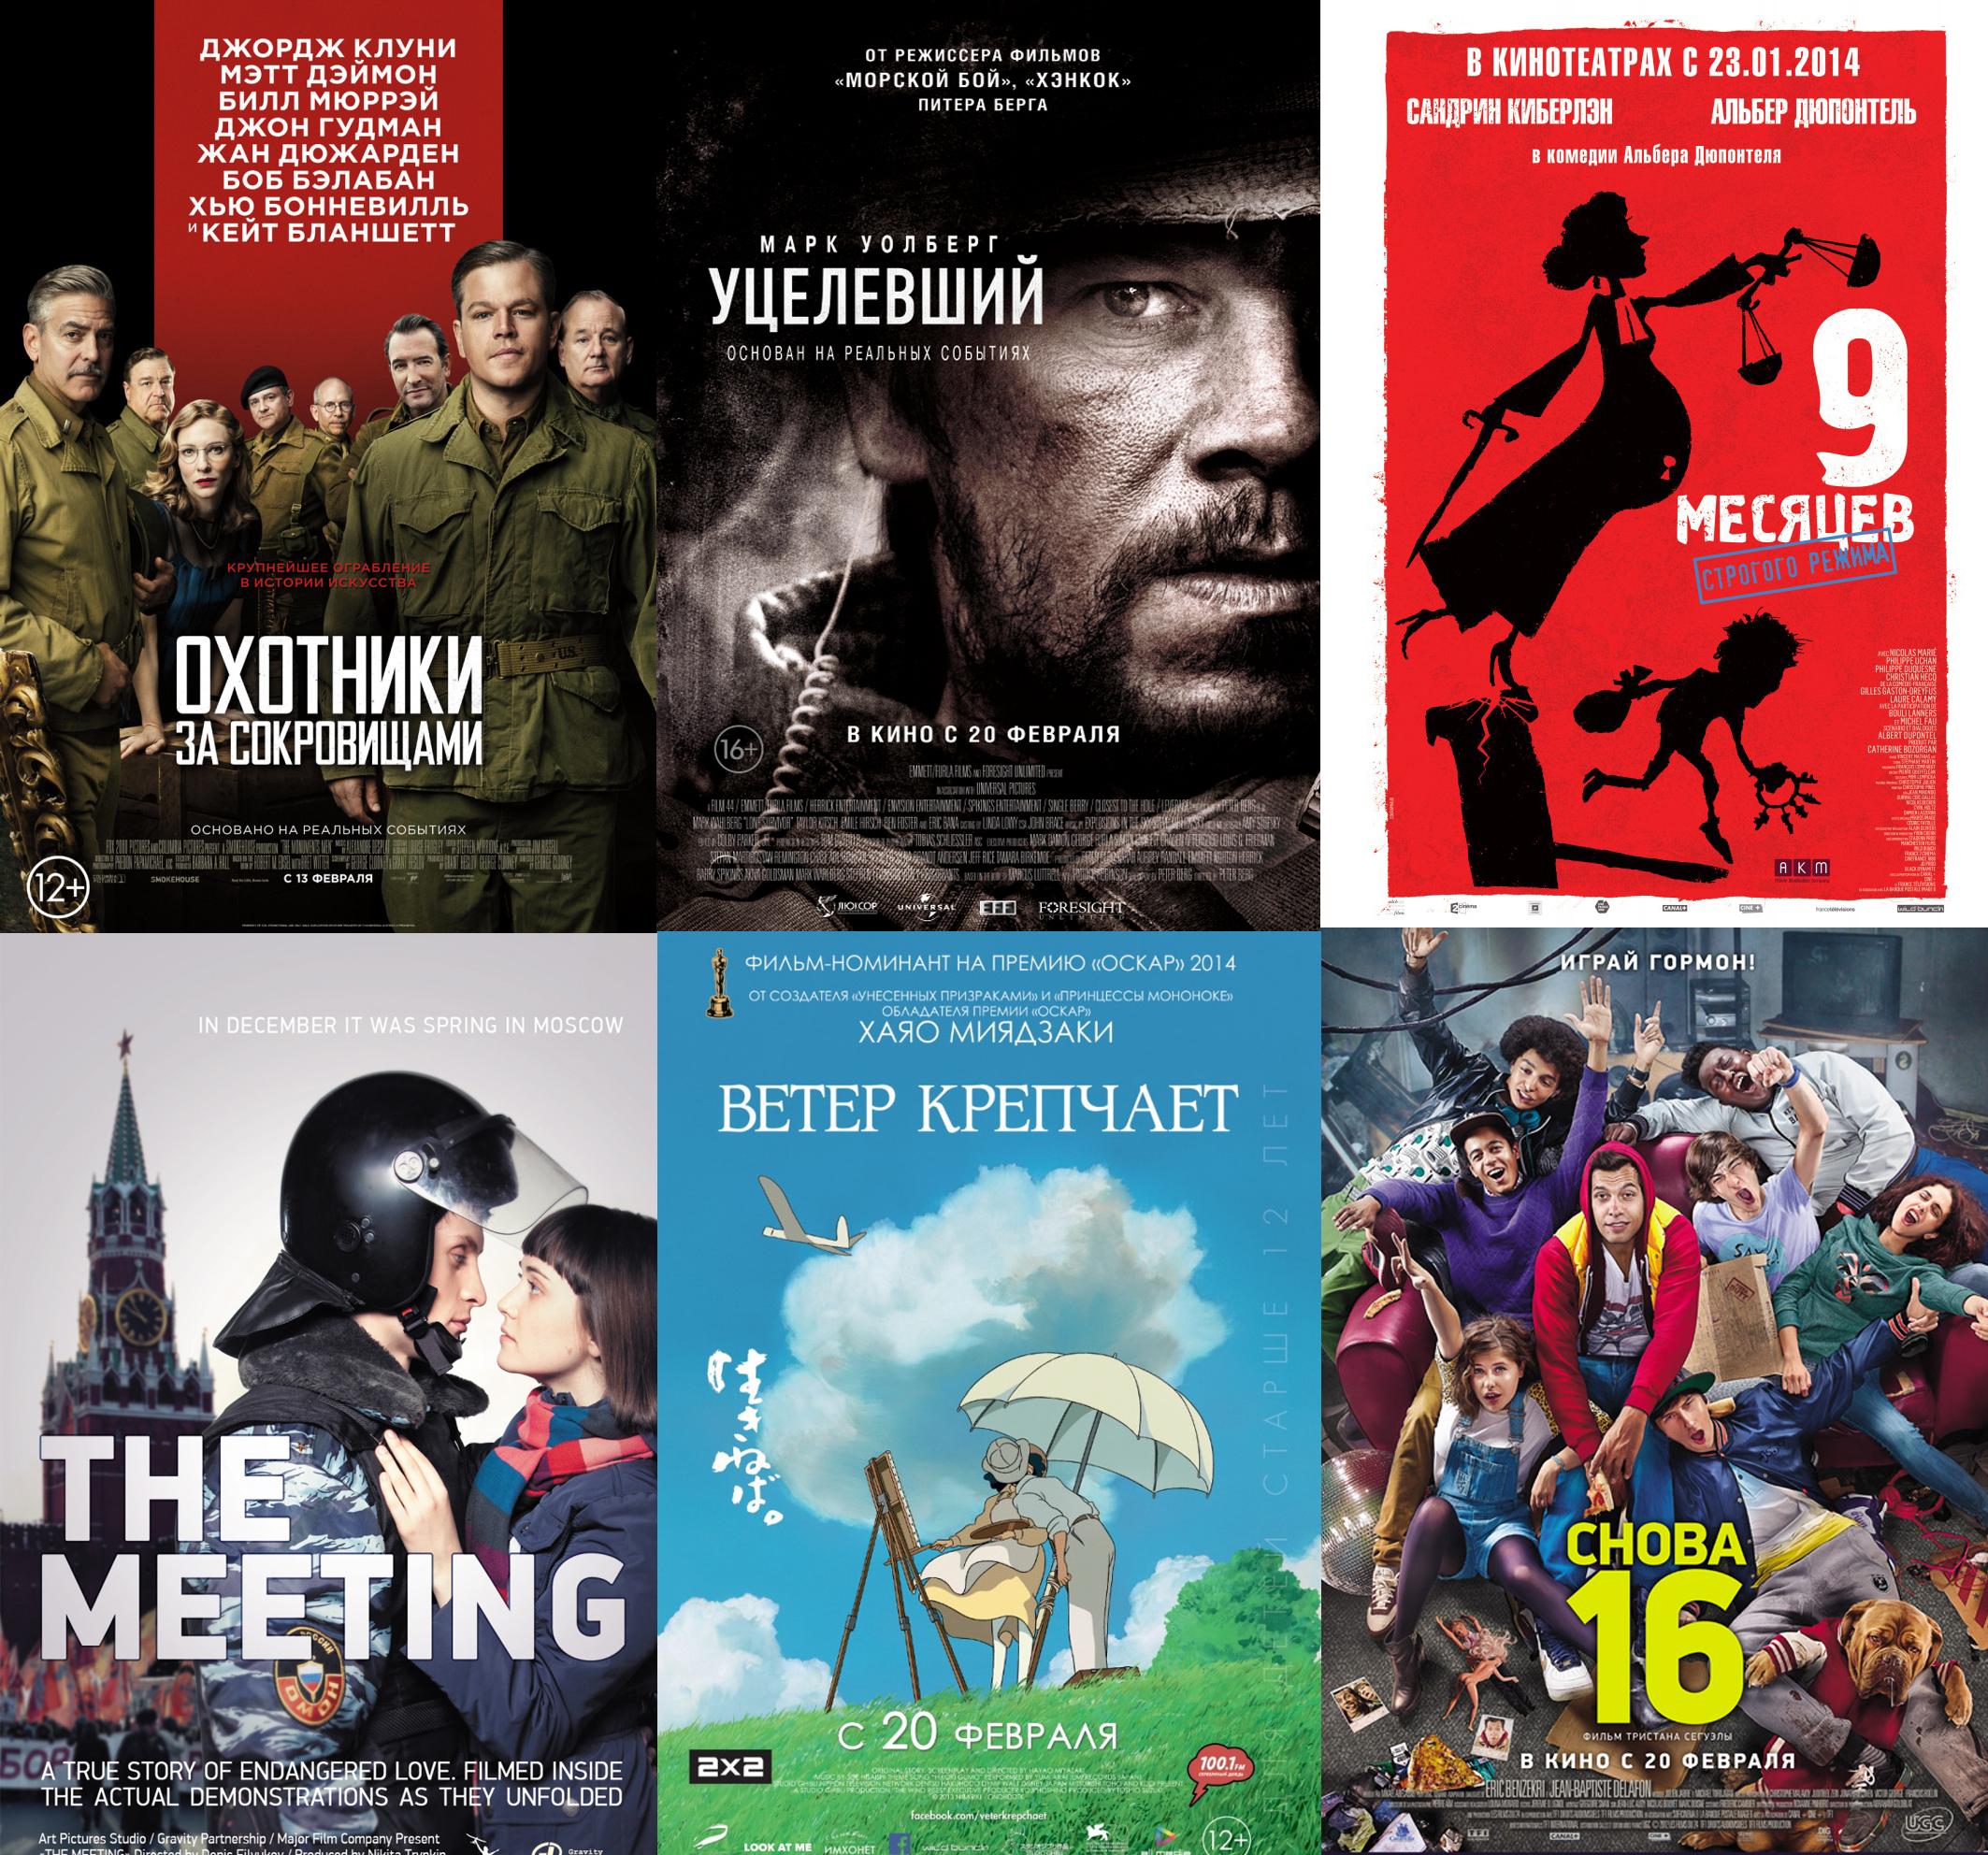 Кадры из фильма смотреть избранный 2014 смотреть онлайн